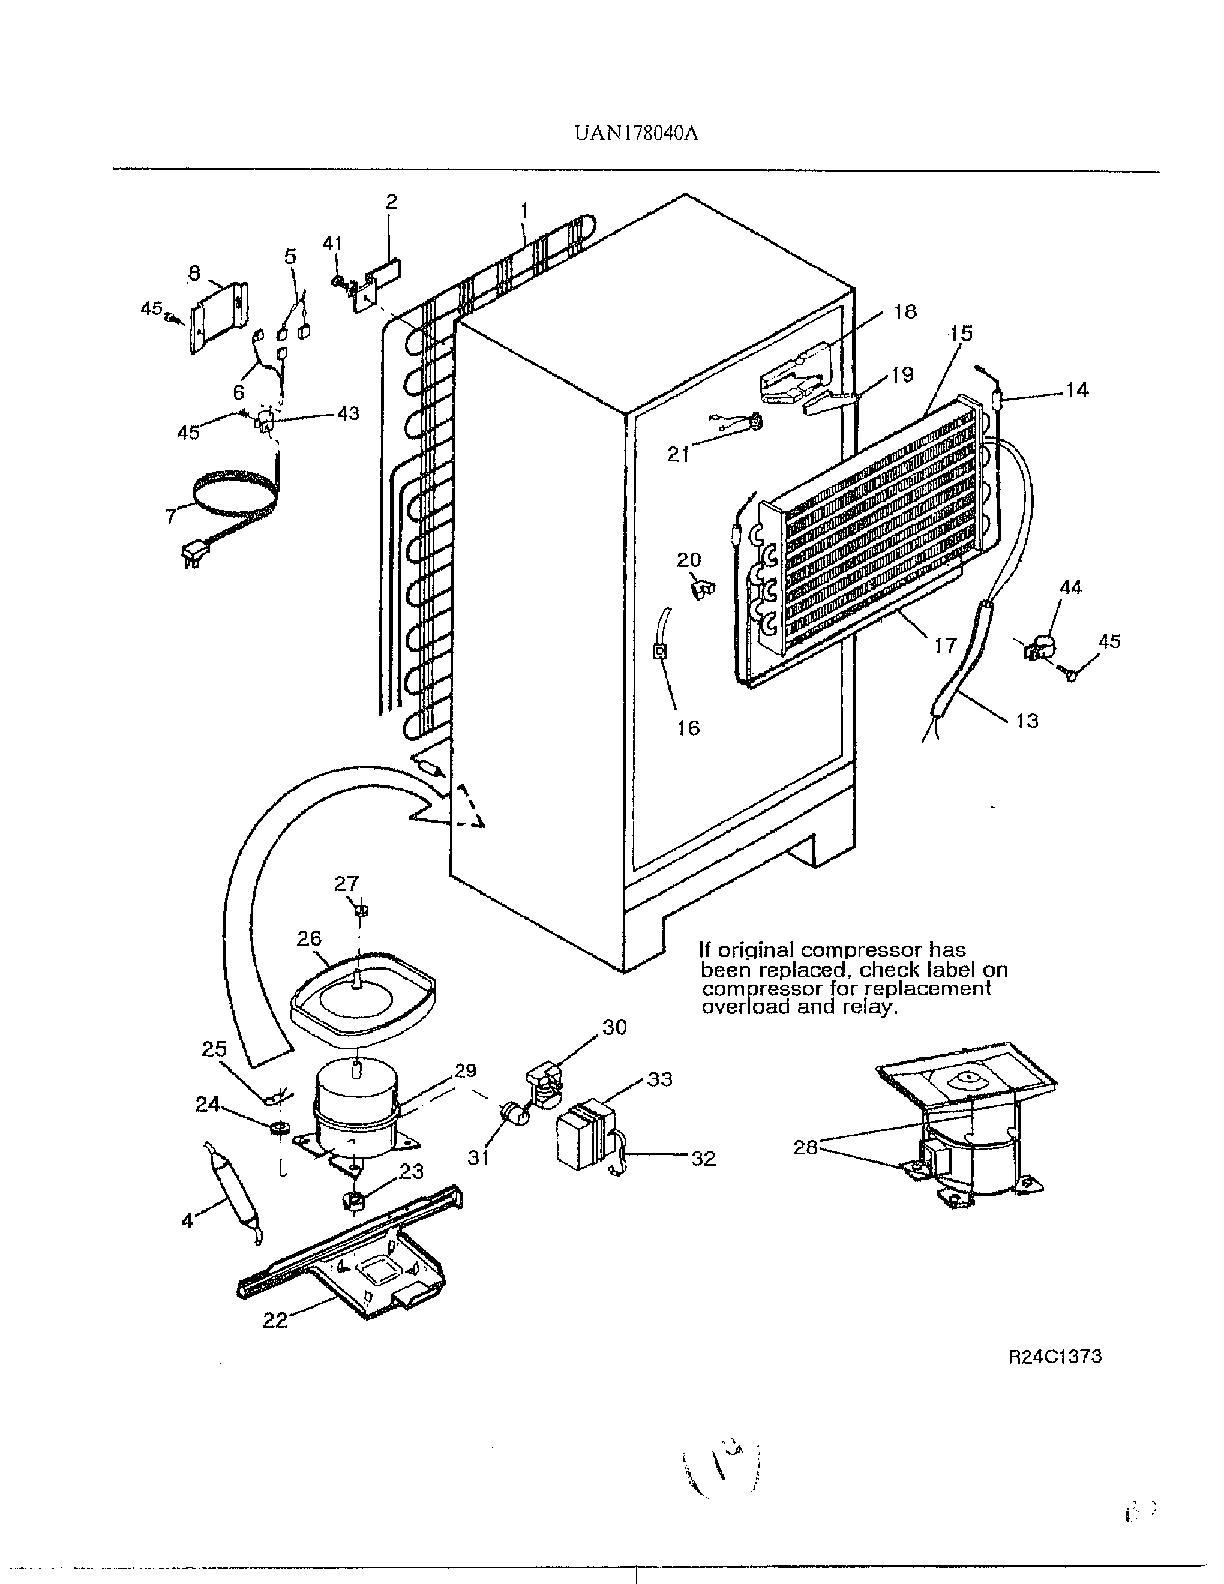 Refrigerators Parts: Refrigeration Compressor Parts